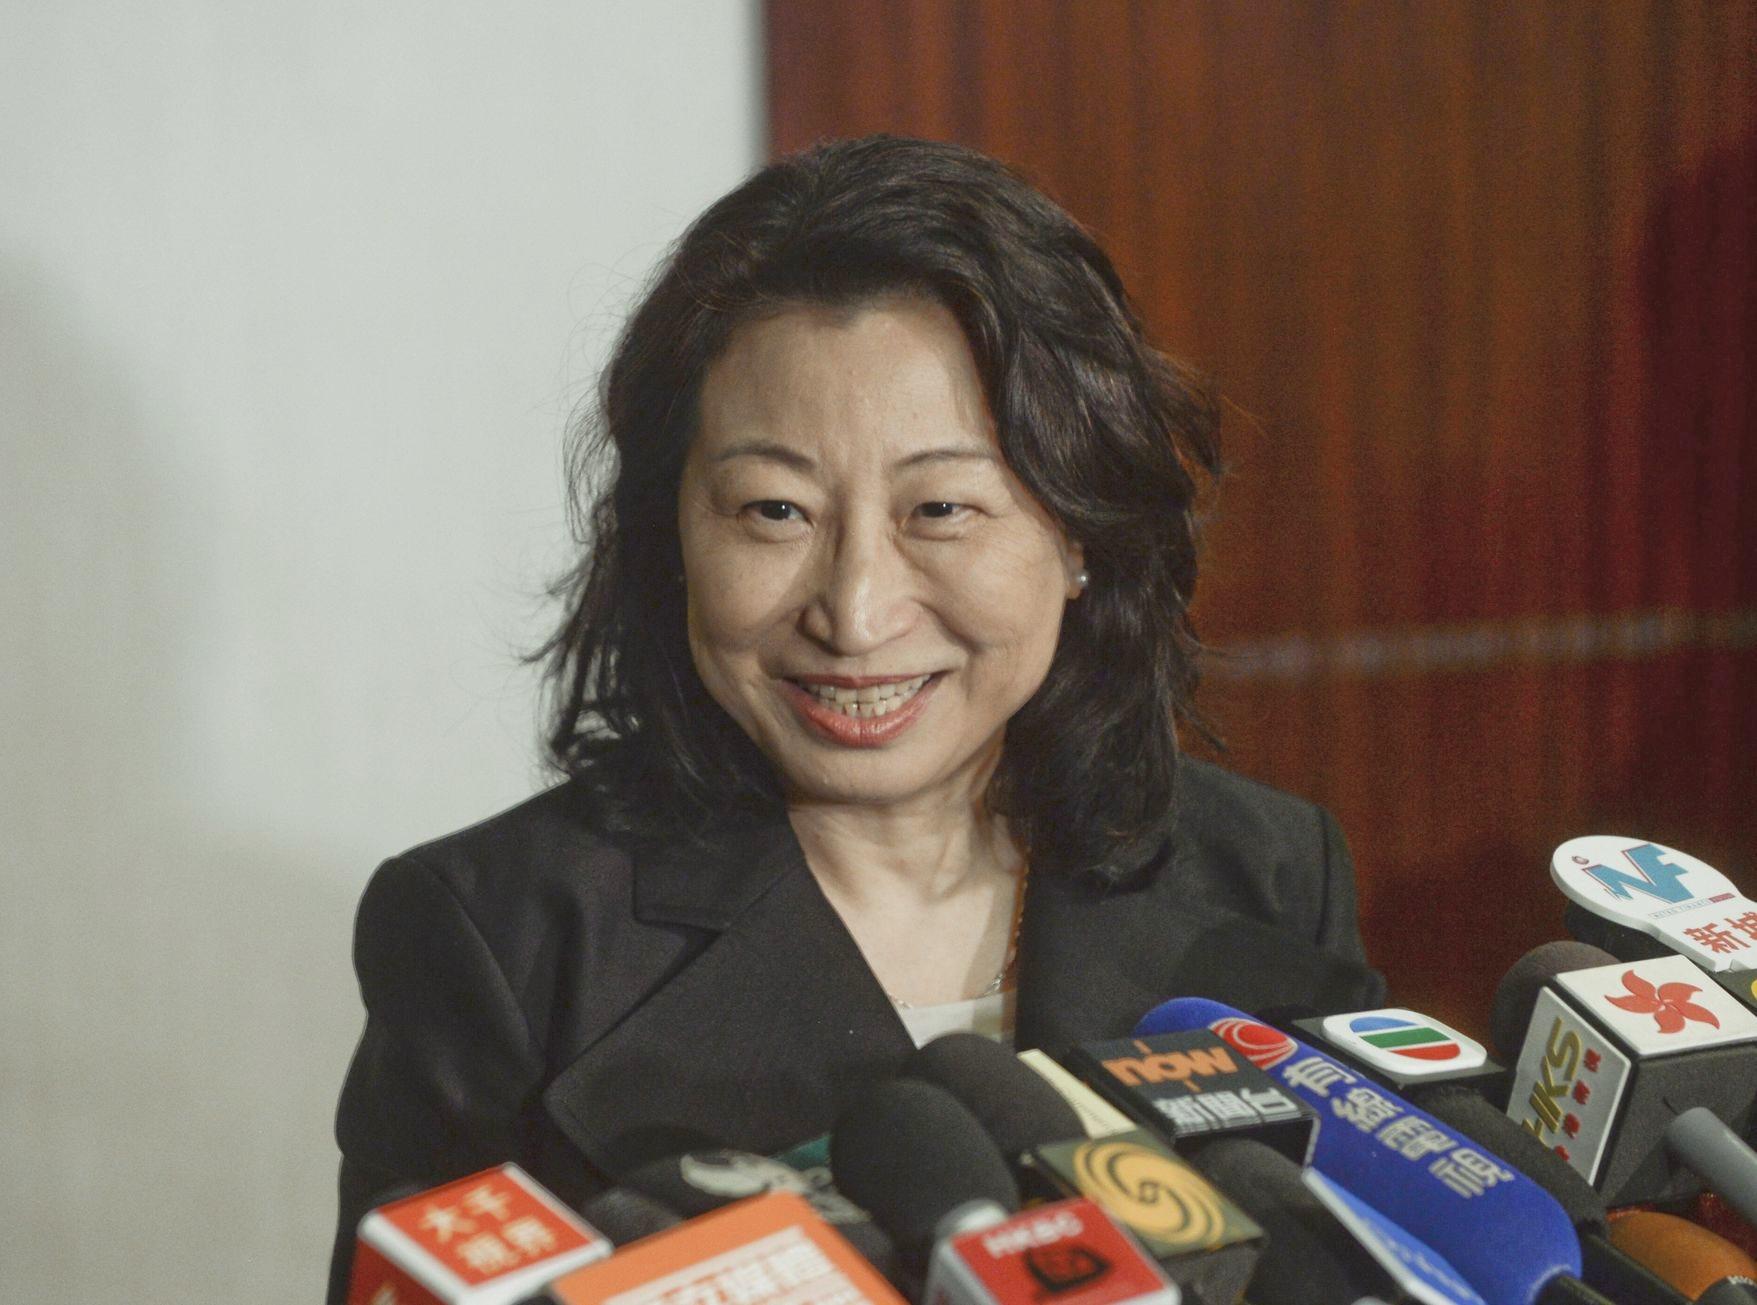 律政司指,鄭若驊一直都是按照以上原則處理所有案件。資料圖片